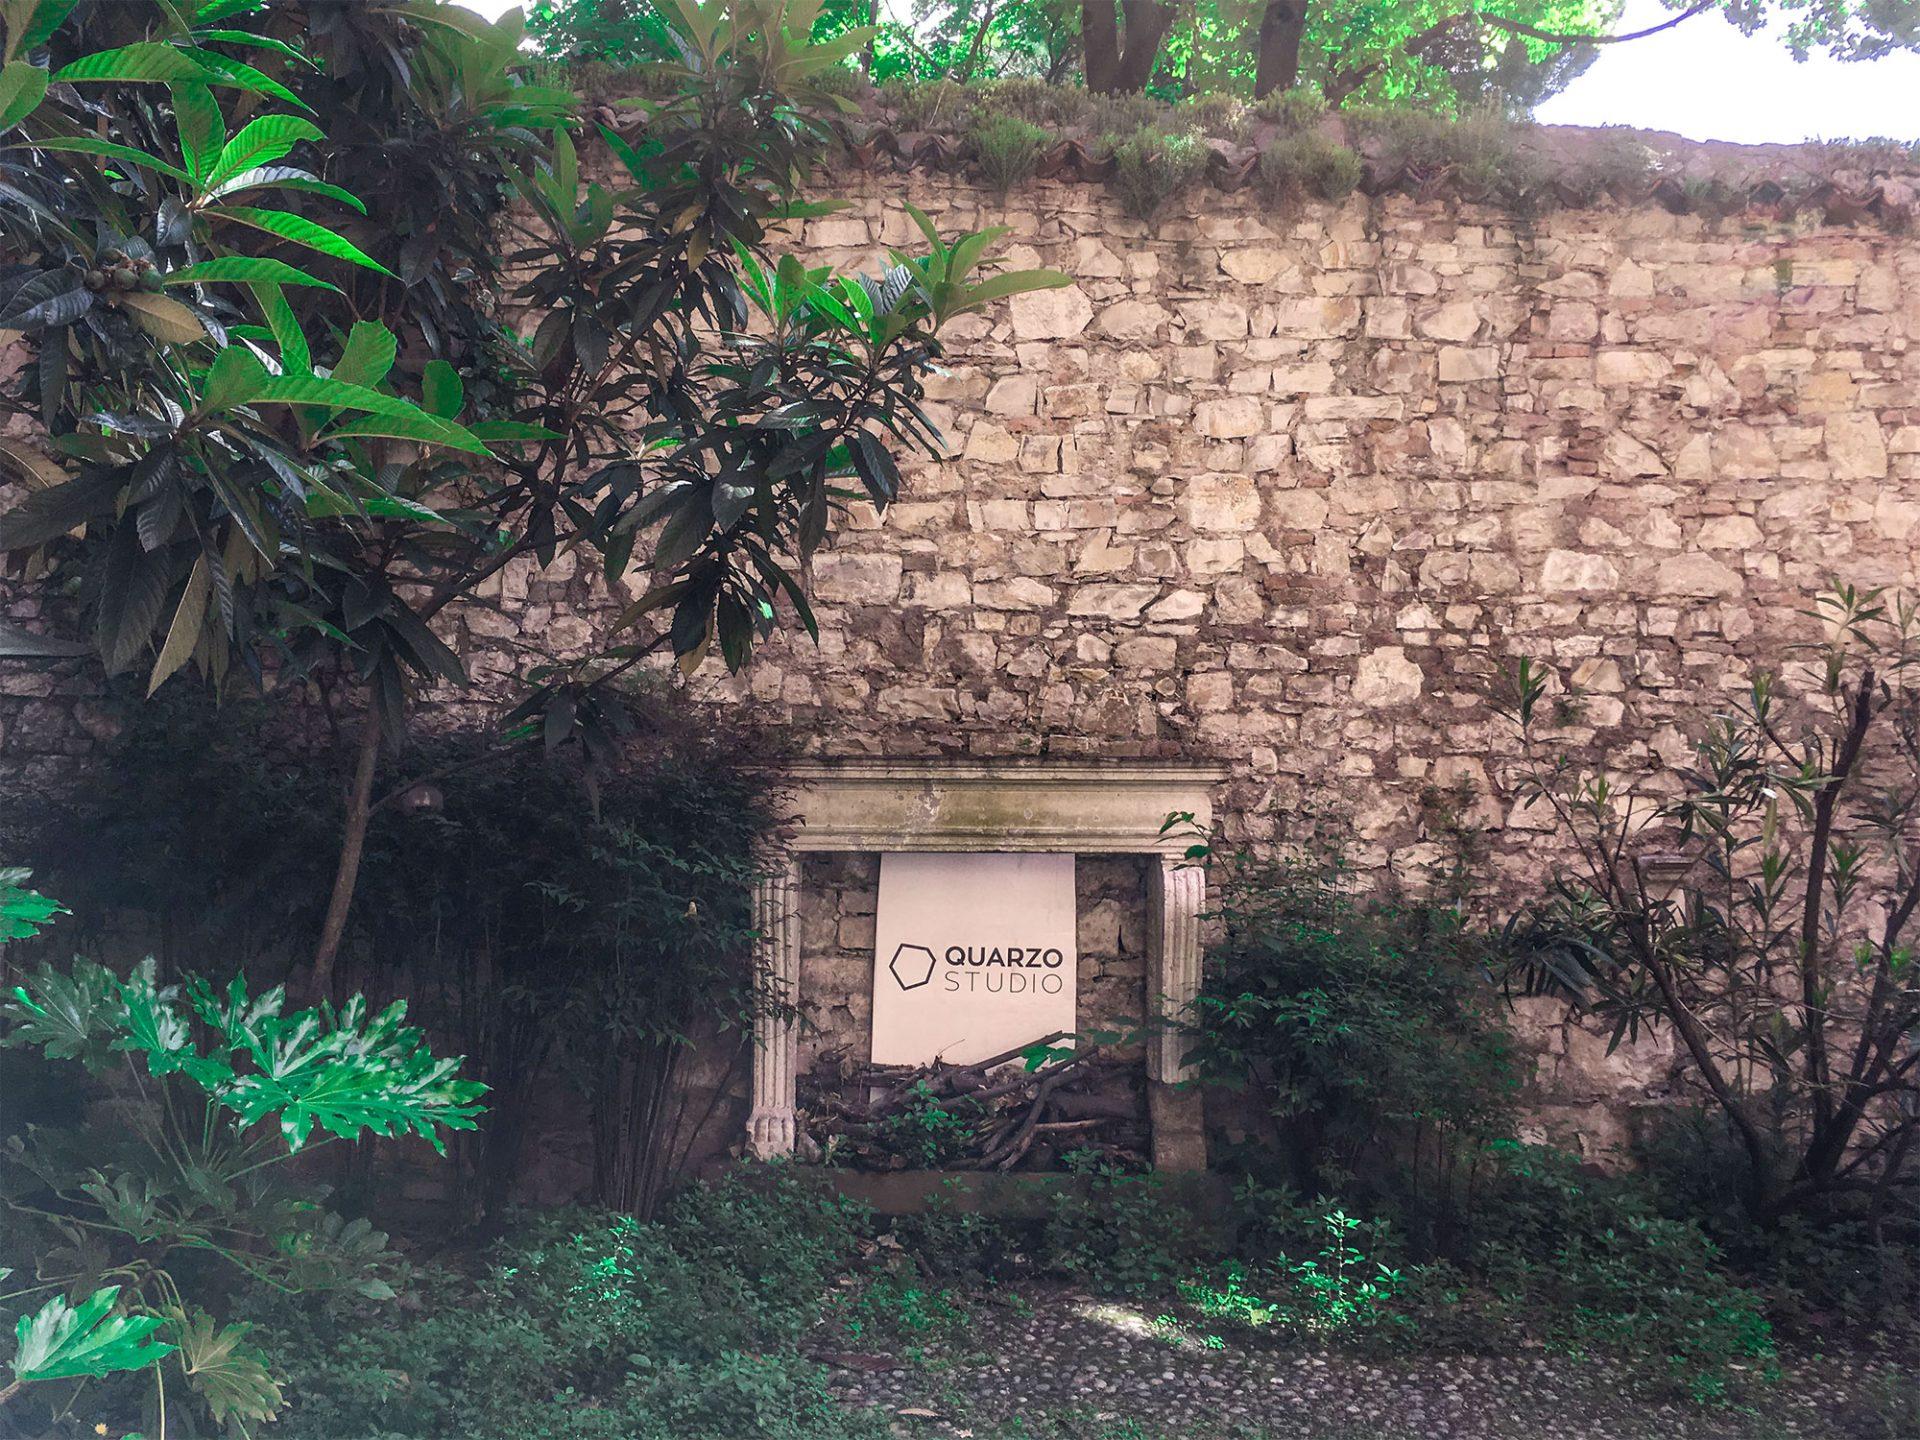 Il giardino di Quarzo